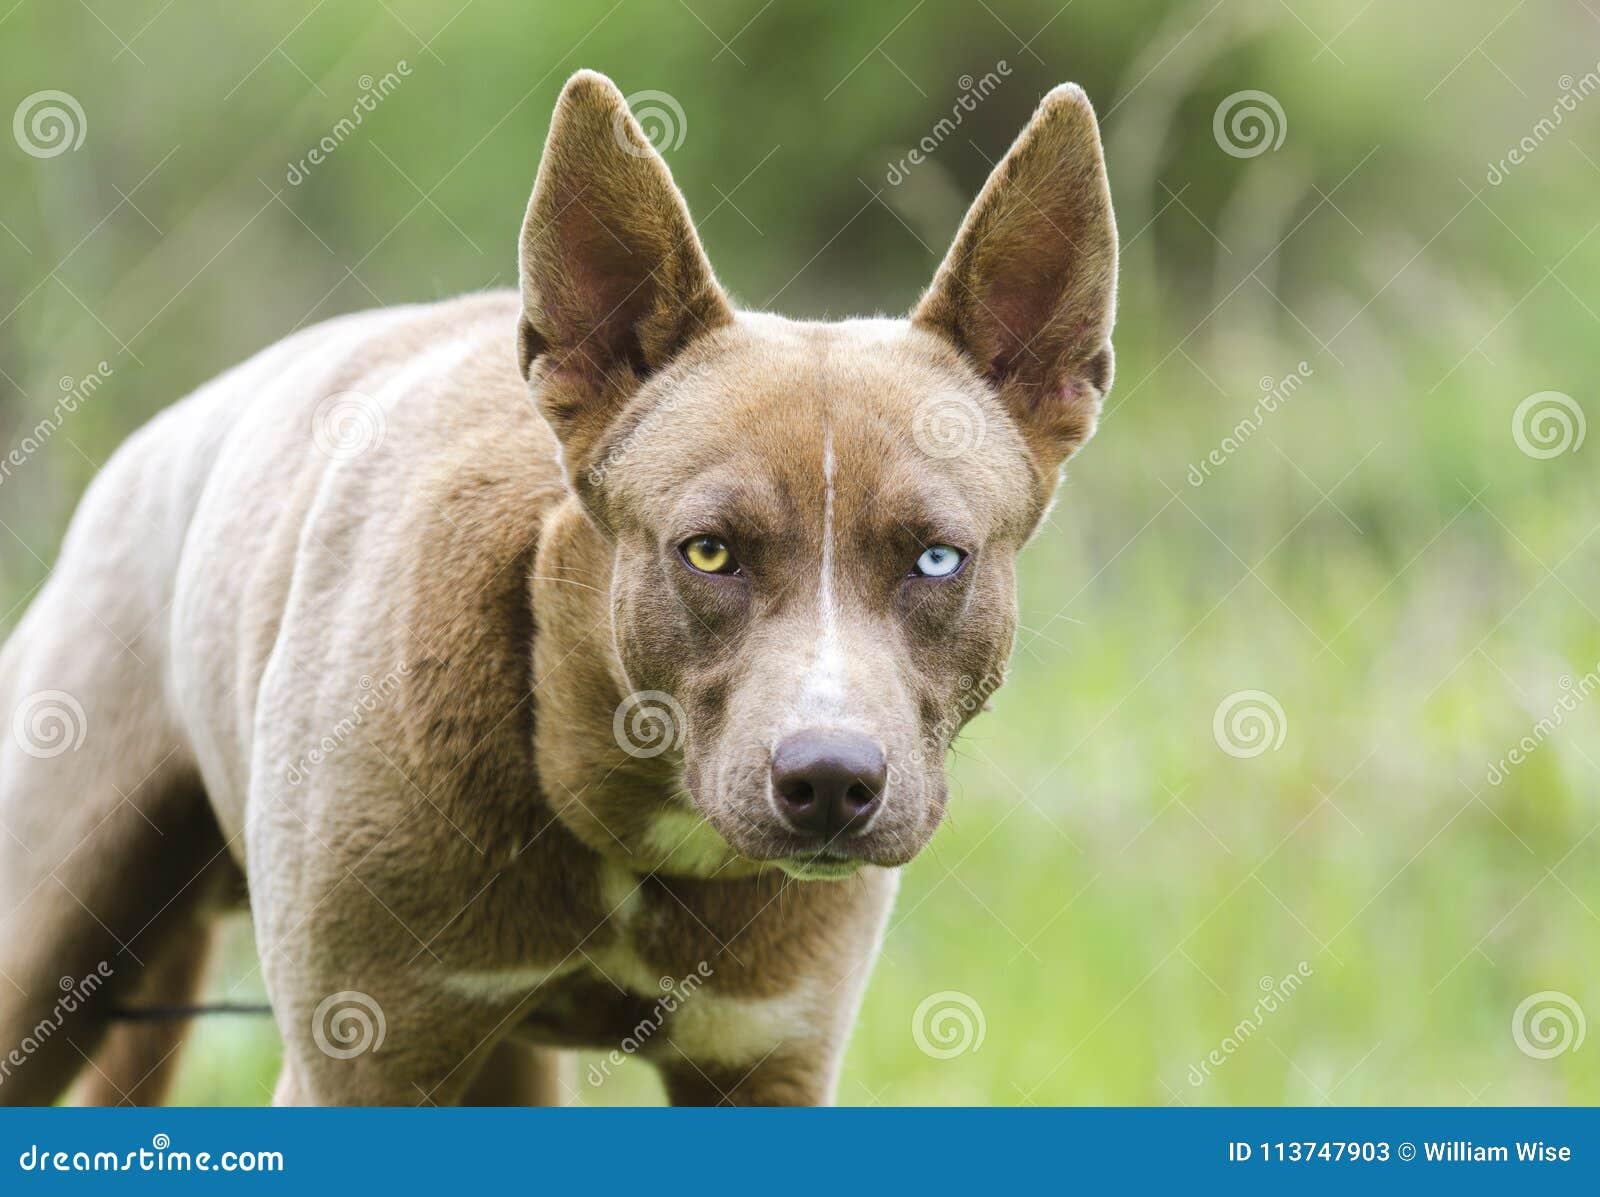 尾随凝视,与一双蓝眼睛的法老王猎犬多壳的混合狗